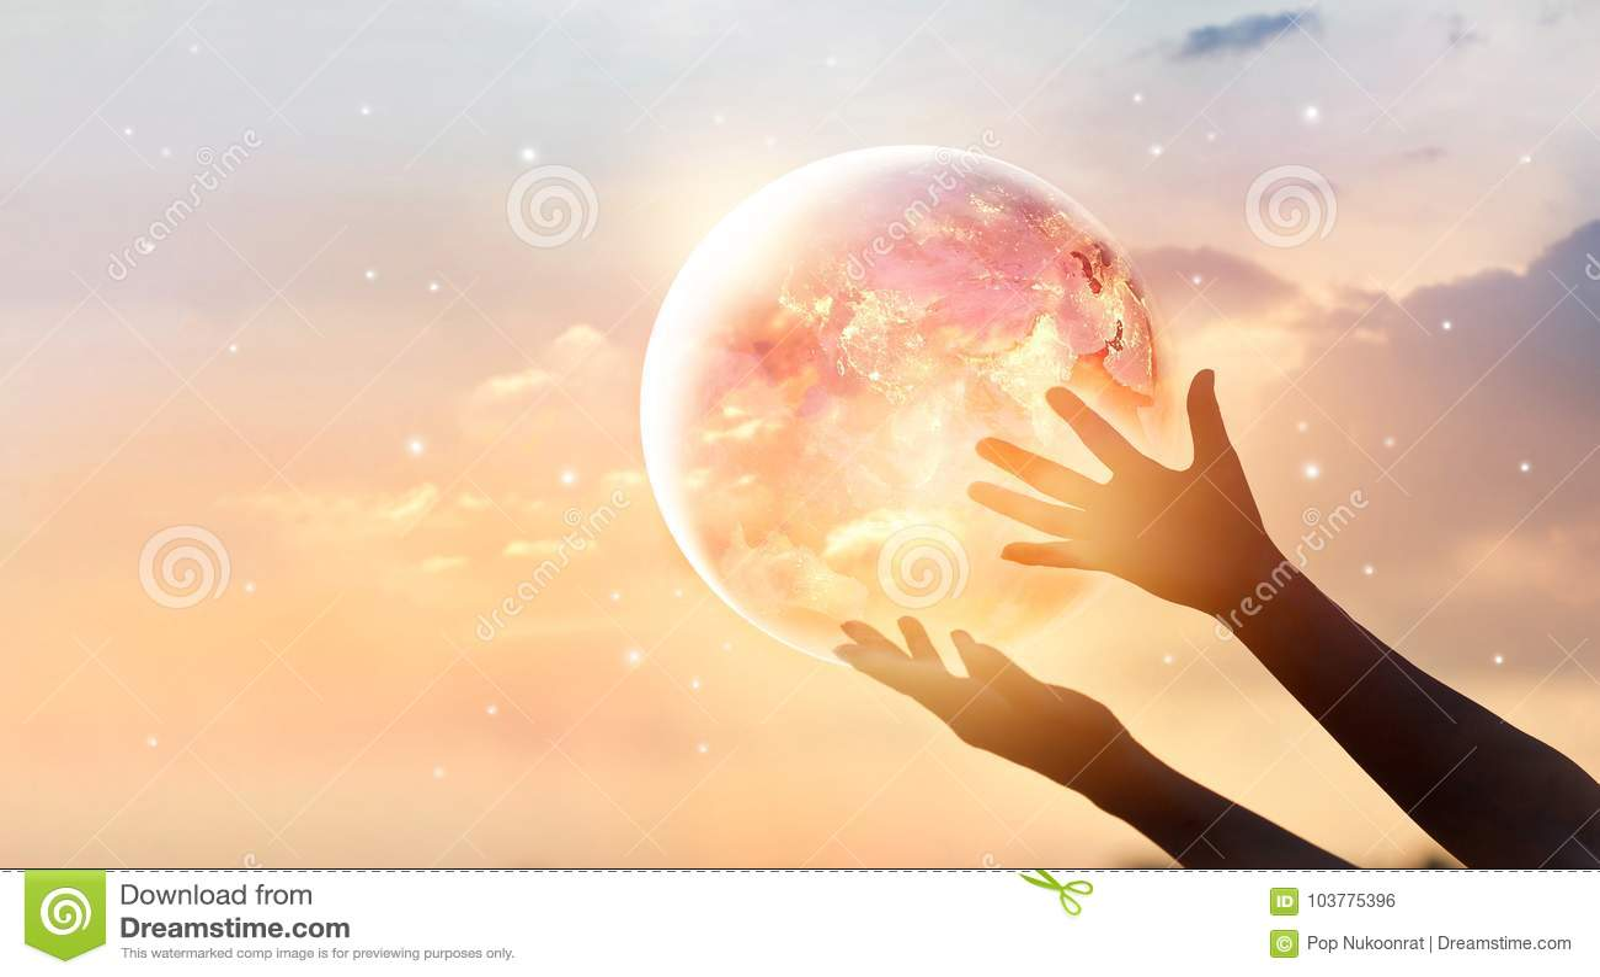 保存世界能量竞选 在人的手展示的行星地球